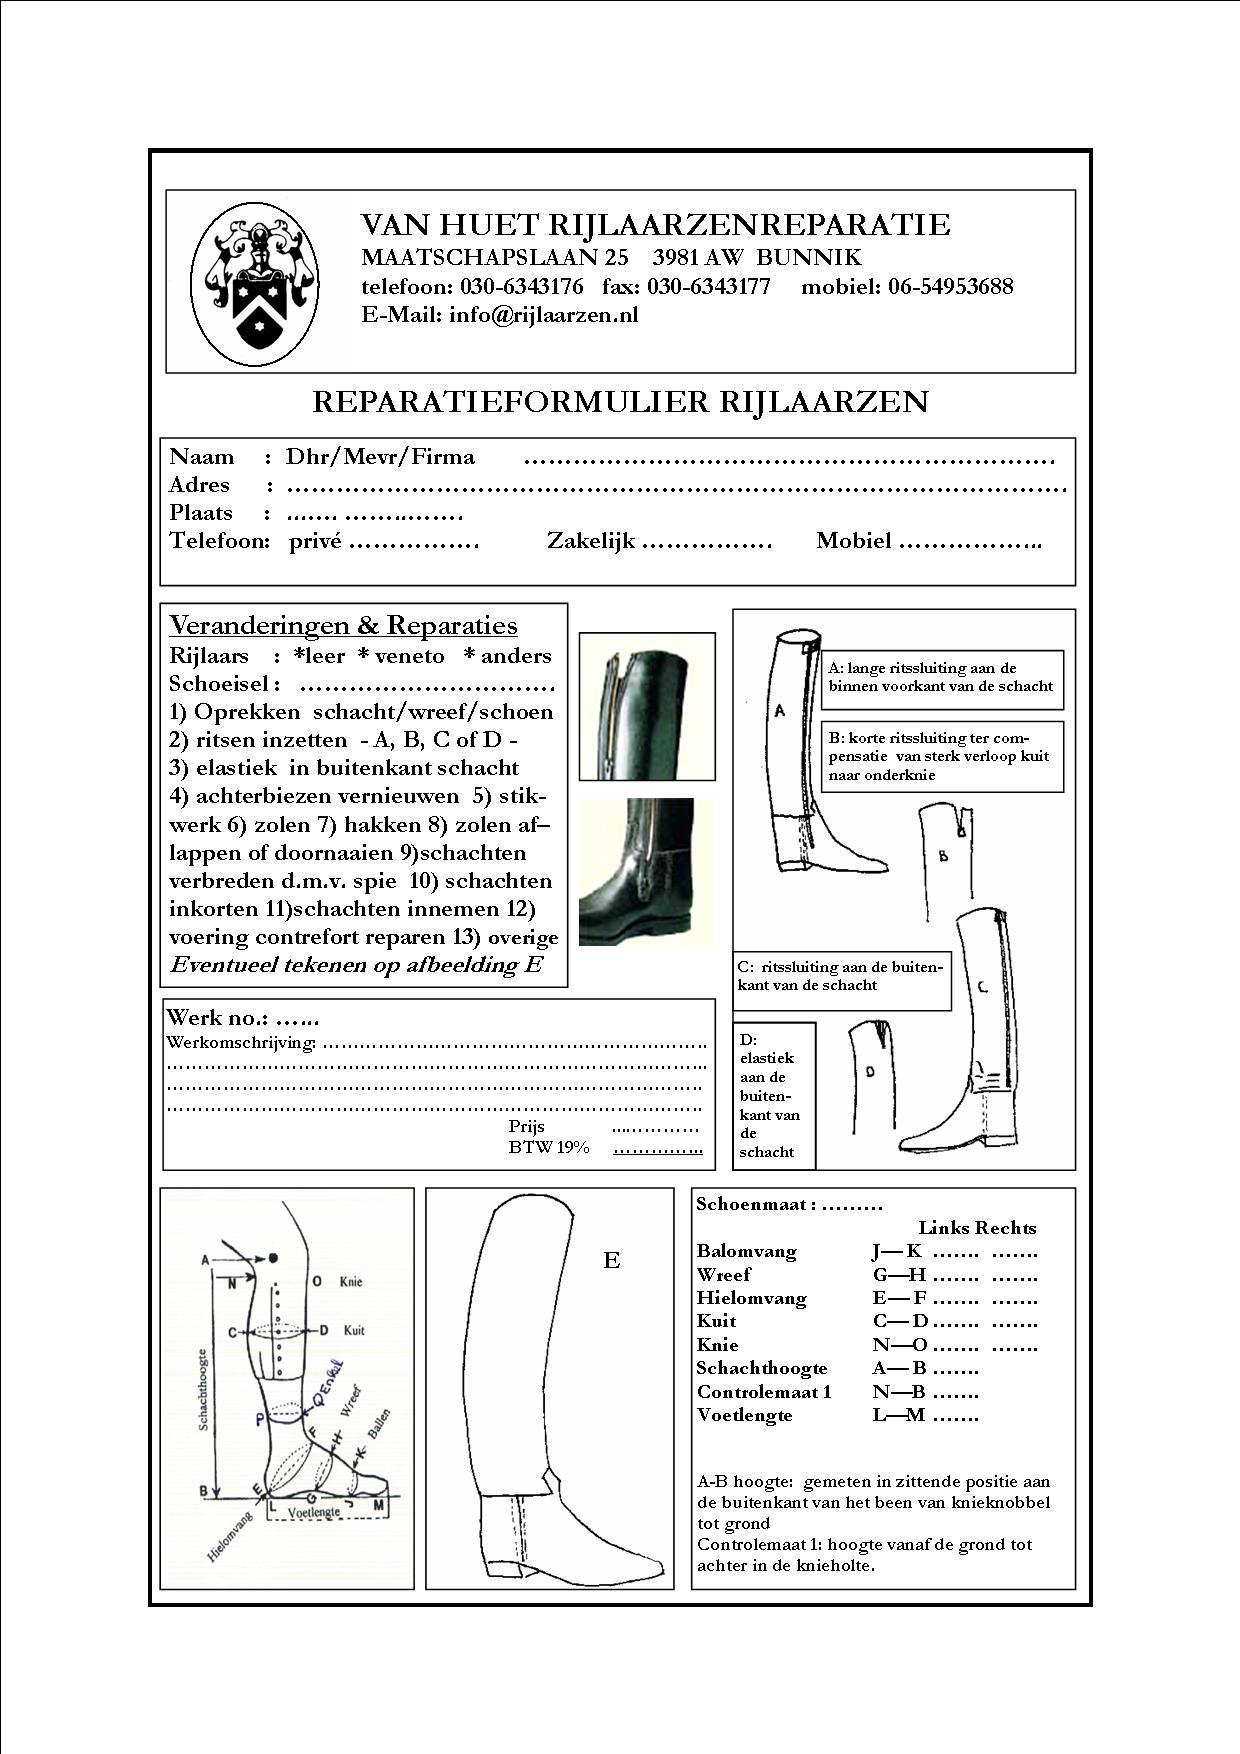 repair formular